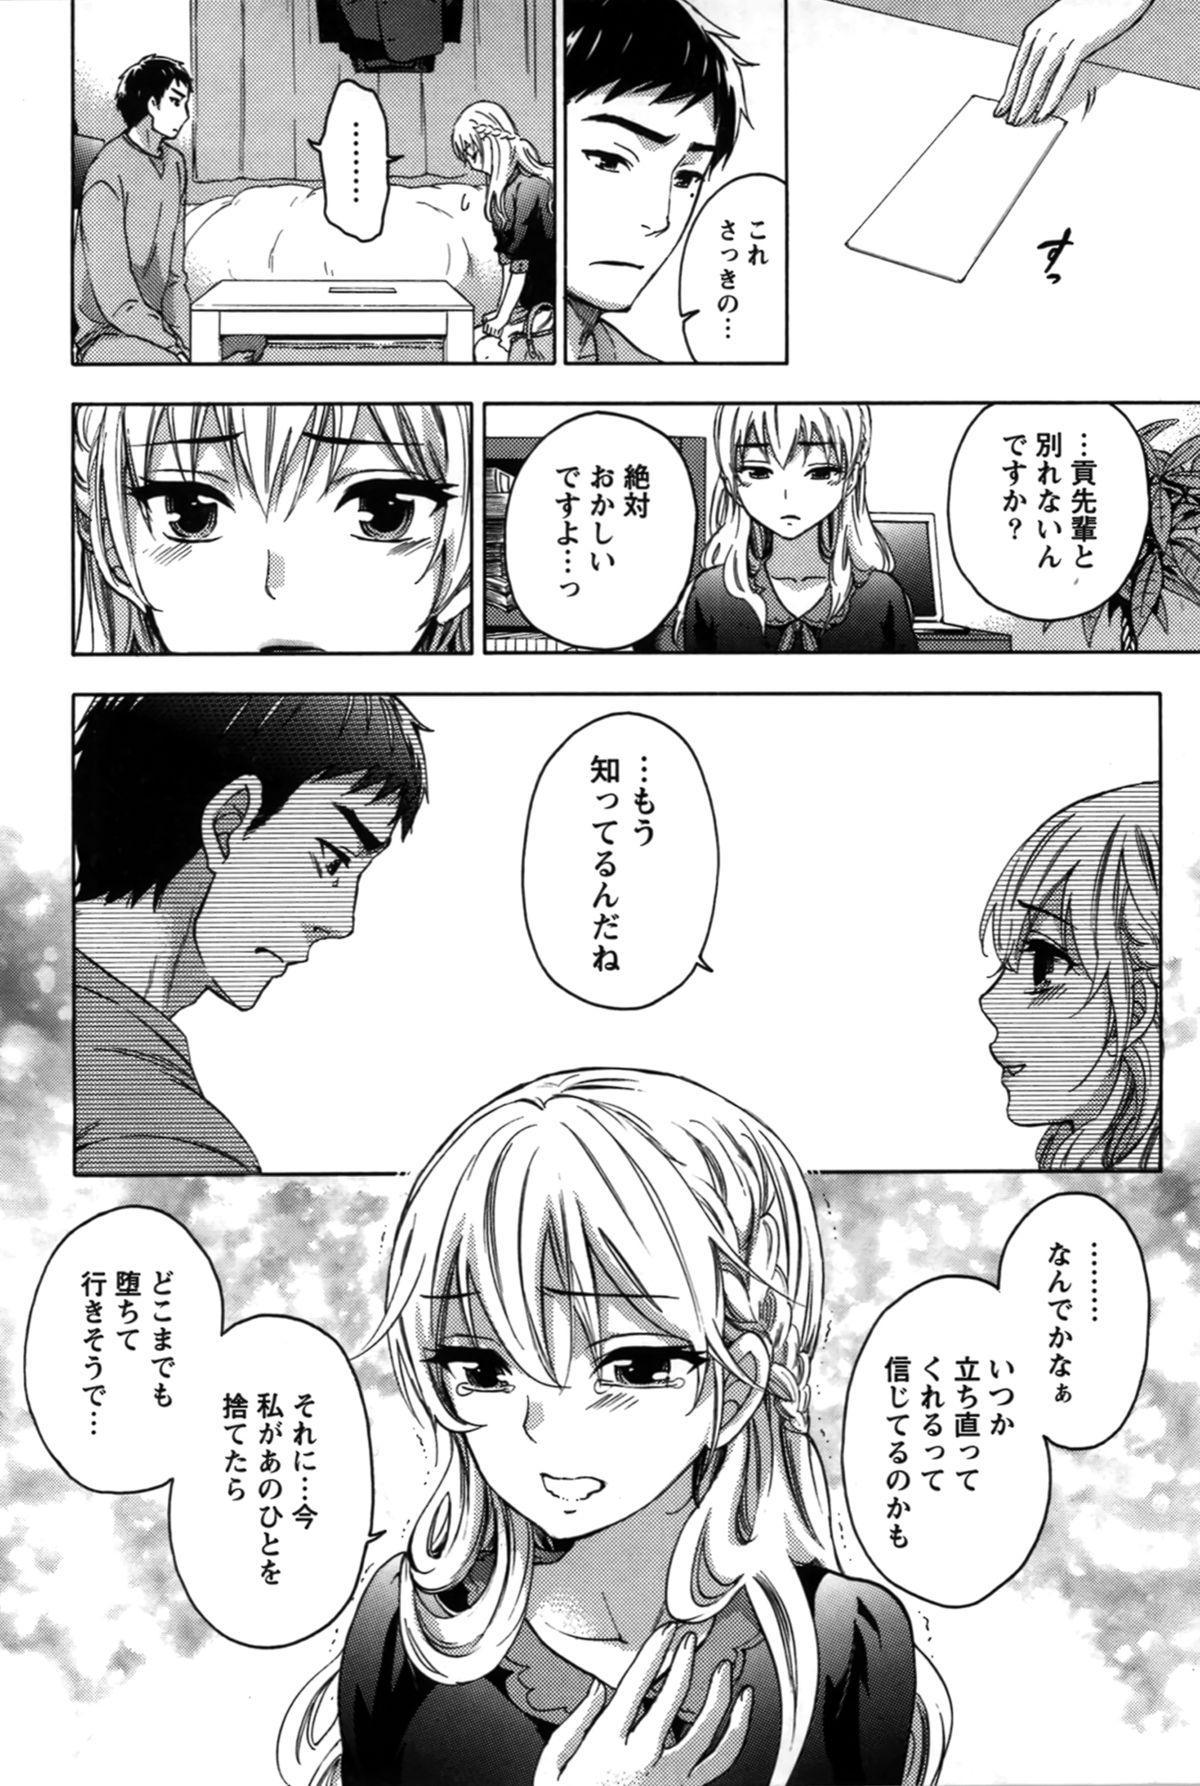 Anata to Watashi wa Warukunai 19